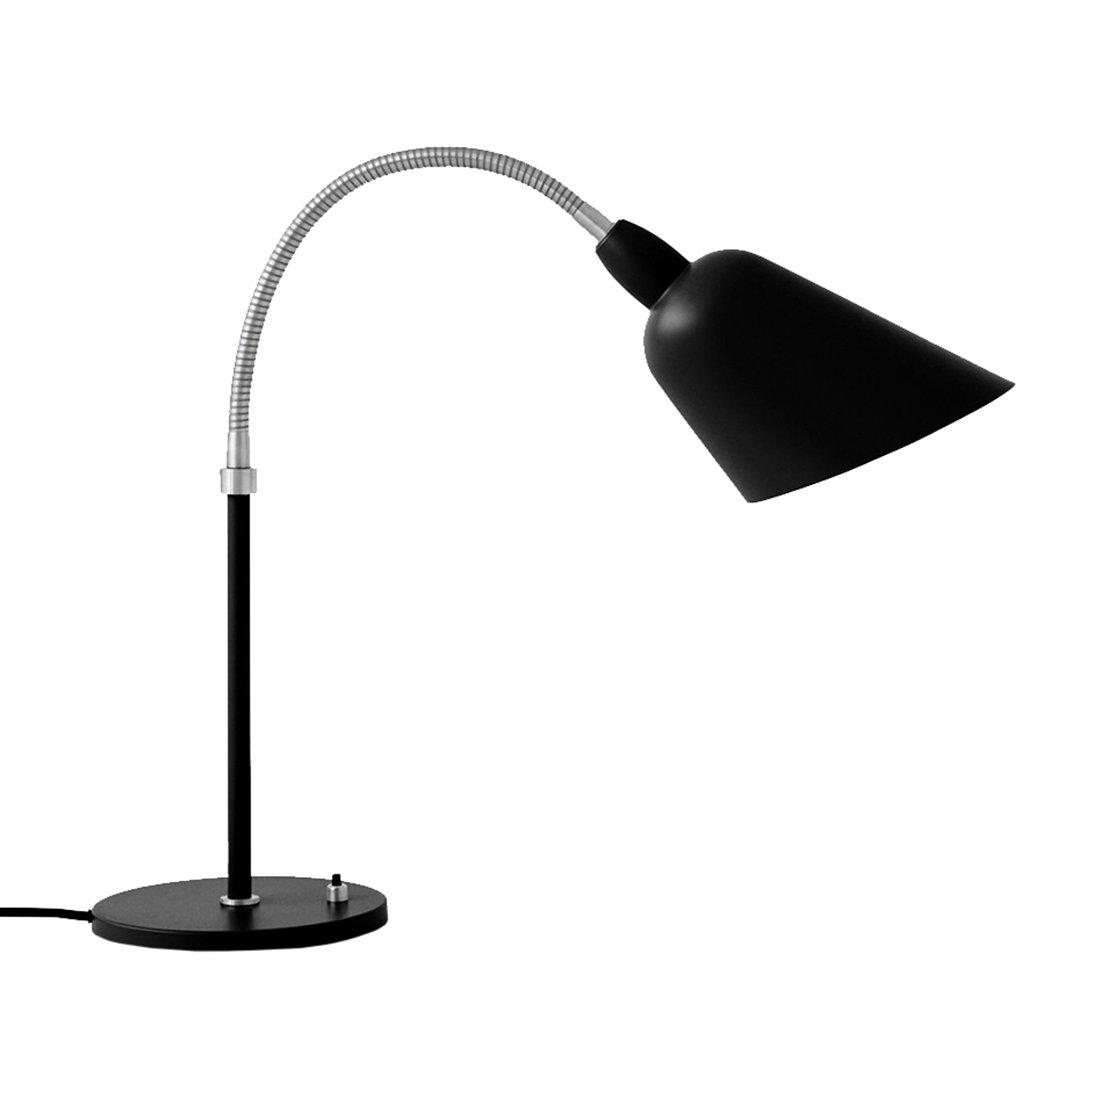 AndTradition Bellevue AJ8 Tafellamp - Zwart/Staal